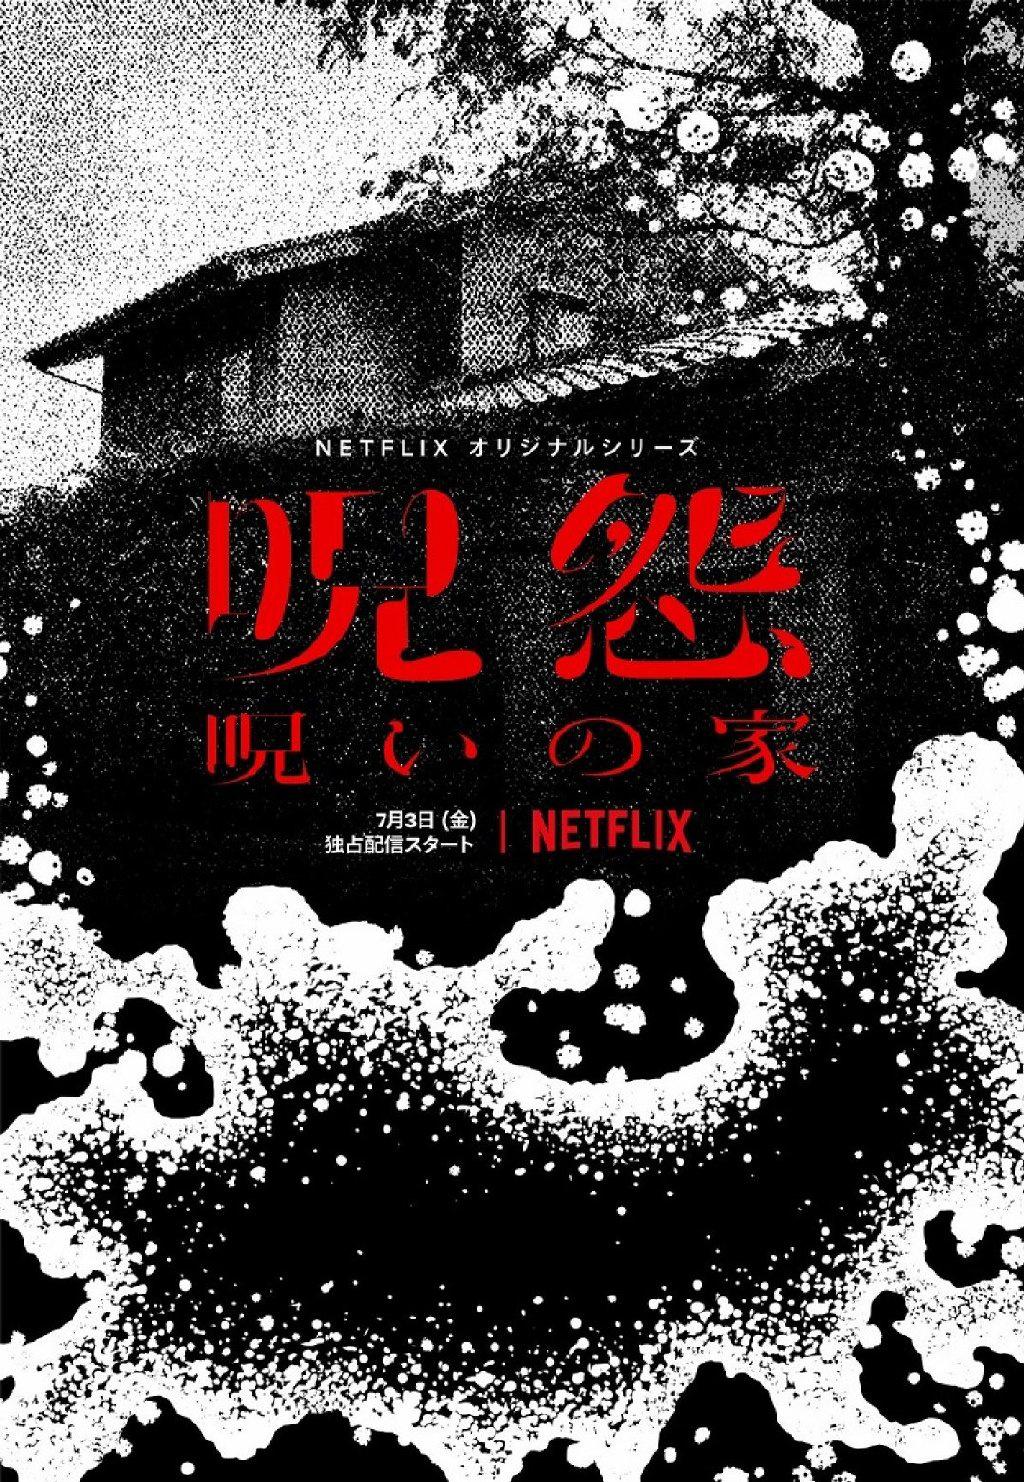 剧版《咒怨》7.3上线网飞 《午夜凶铃》编剧操刀